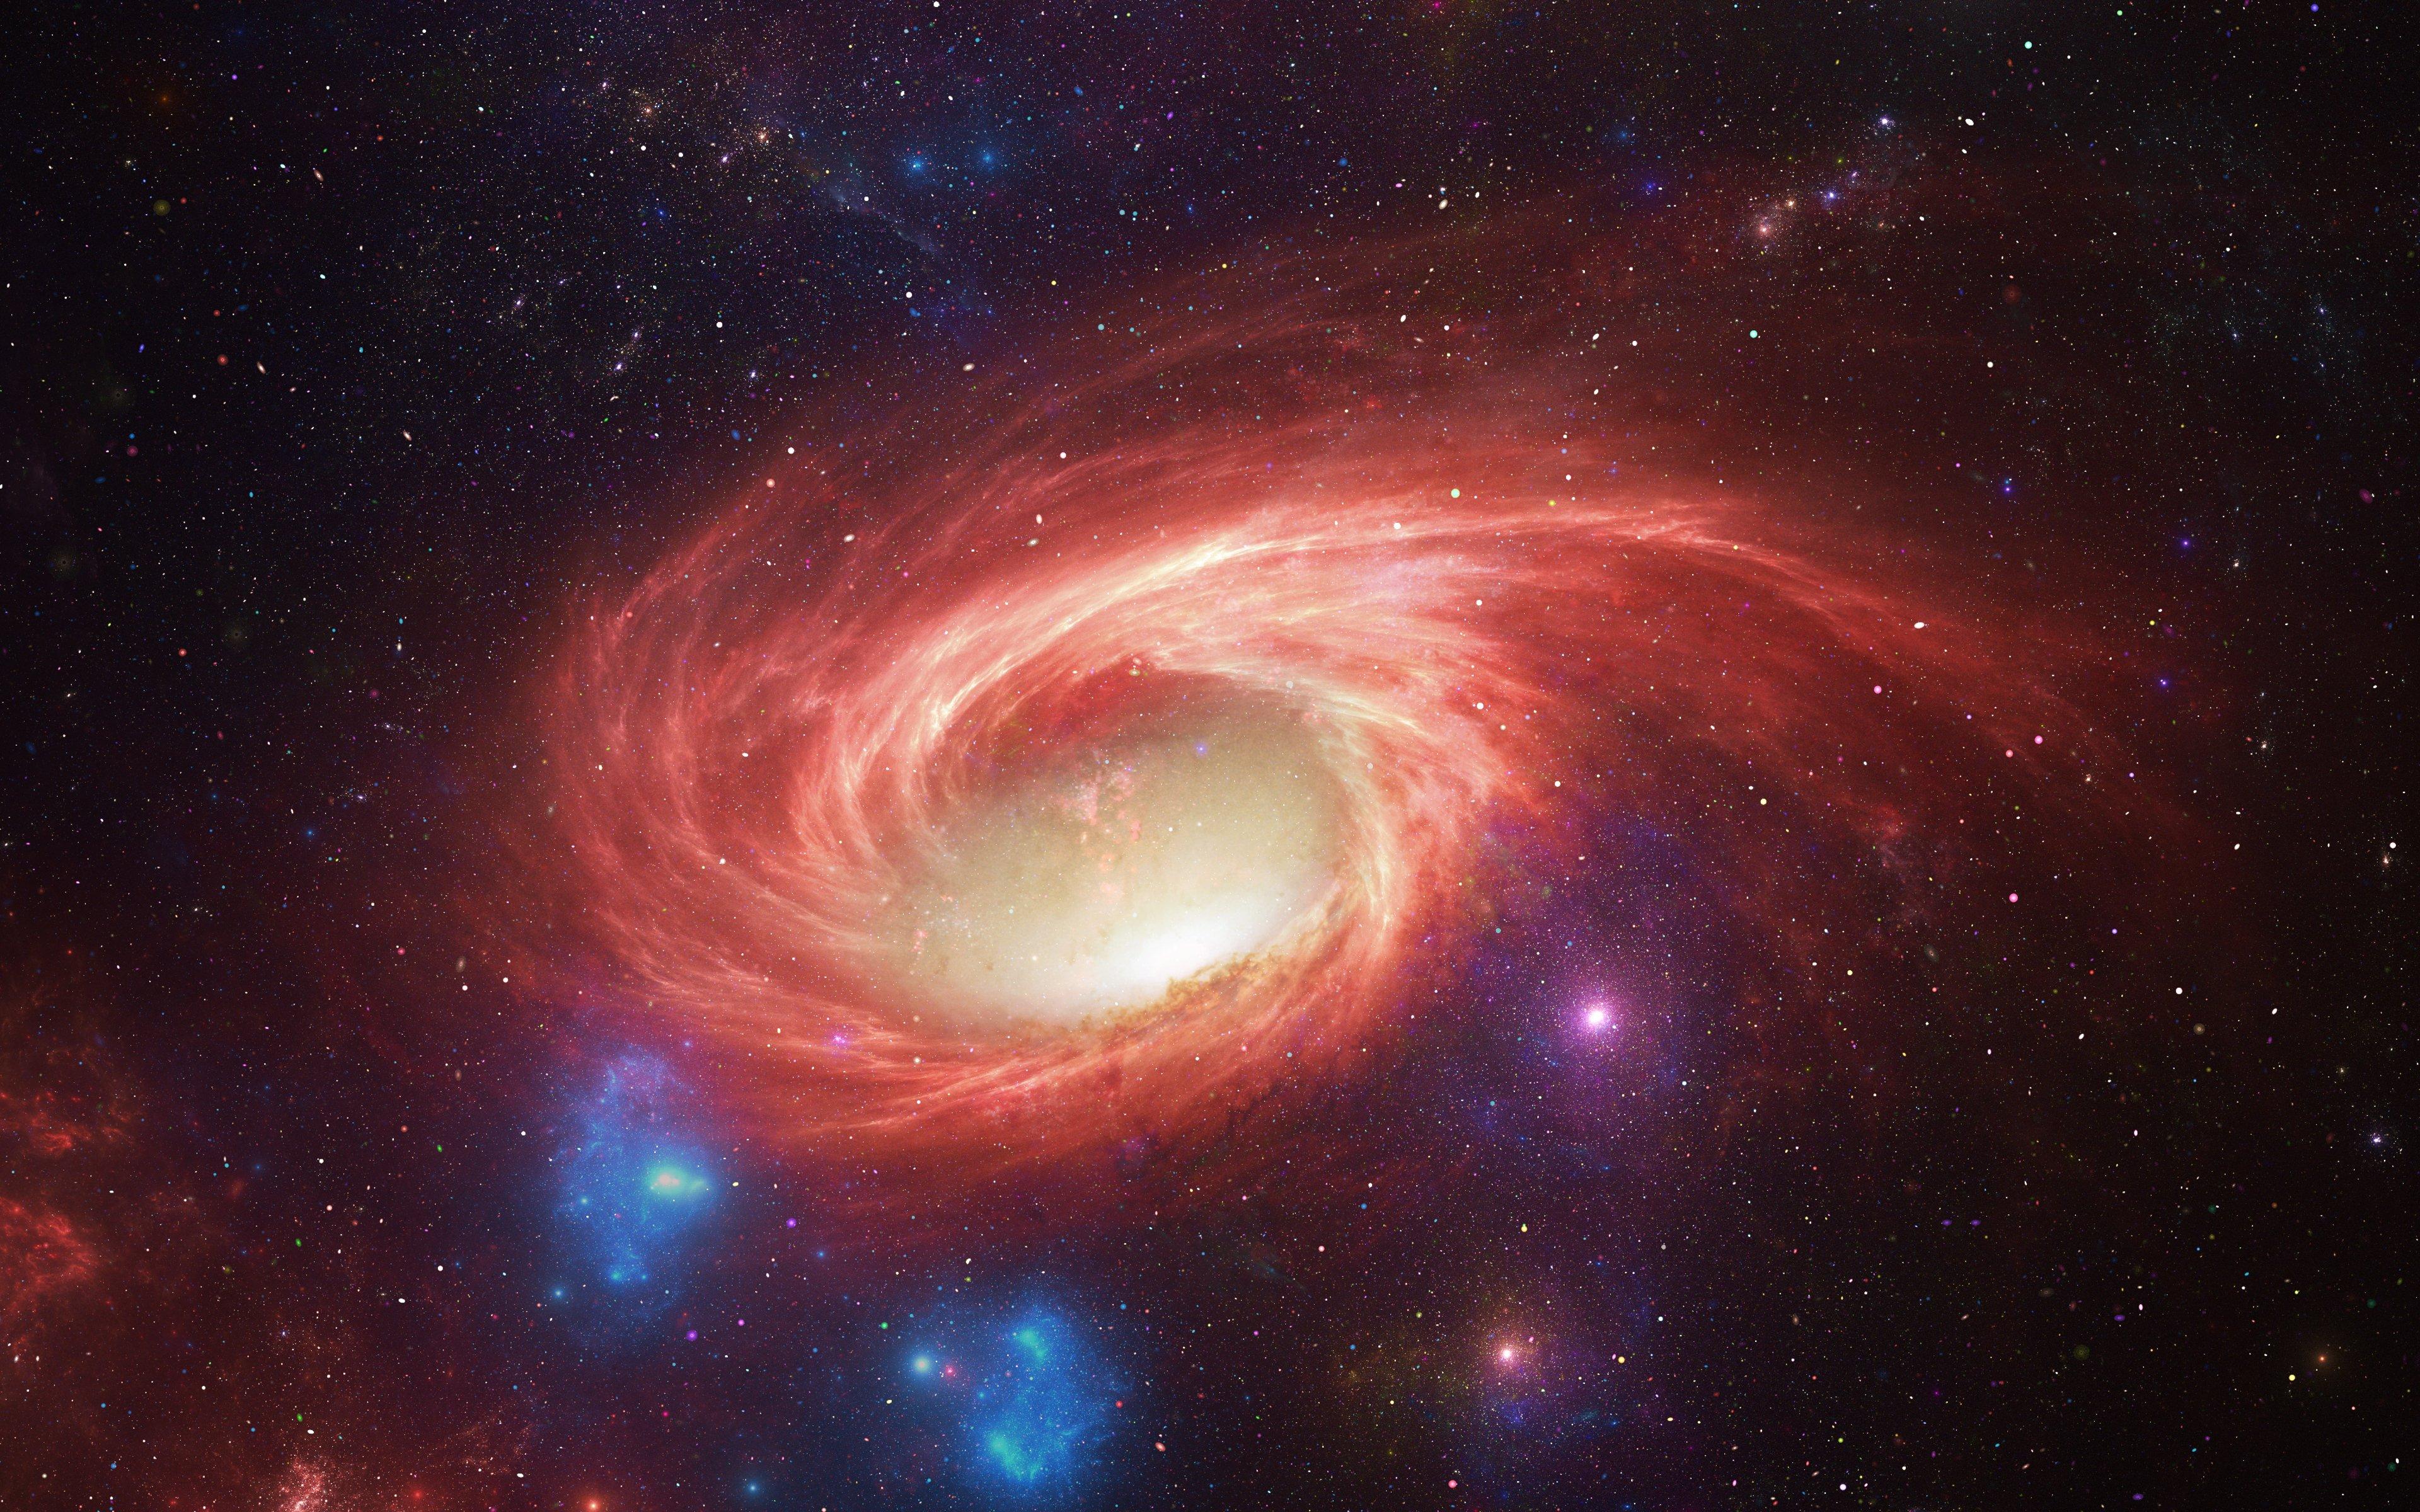 Fondos de pantalla Galaxia en espiral